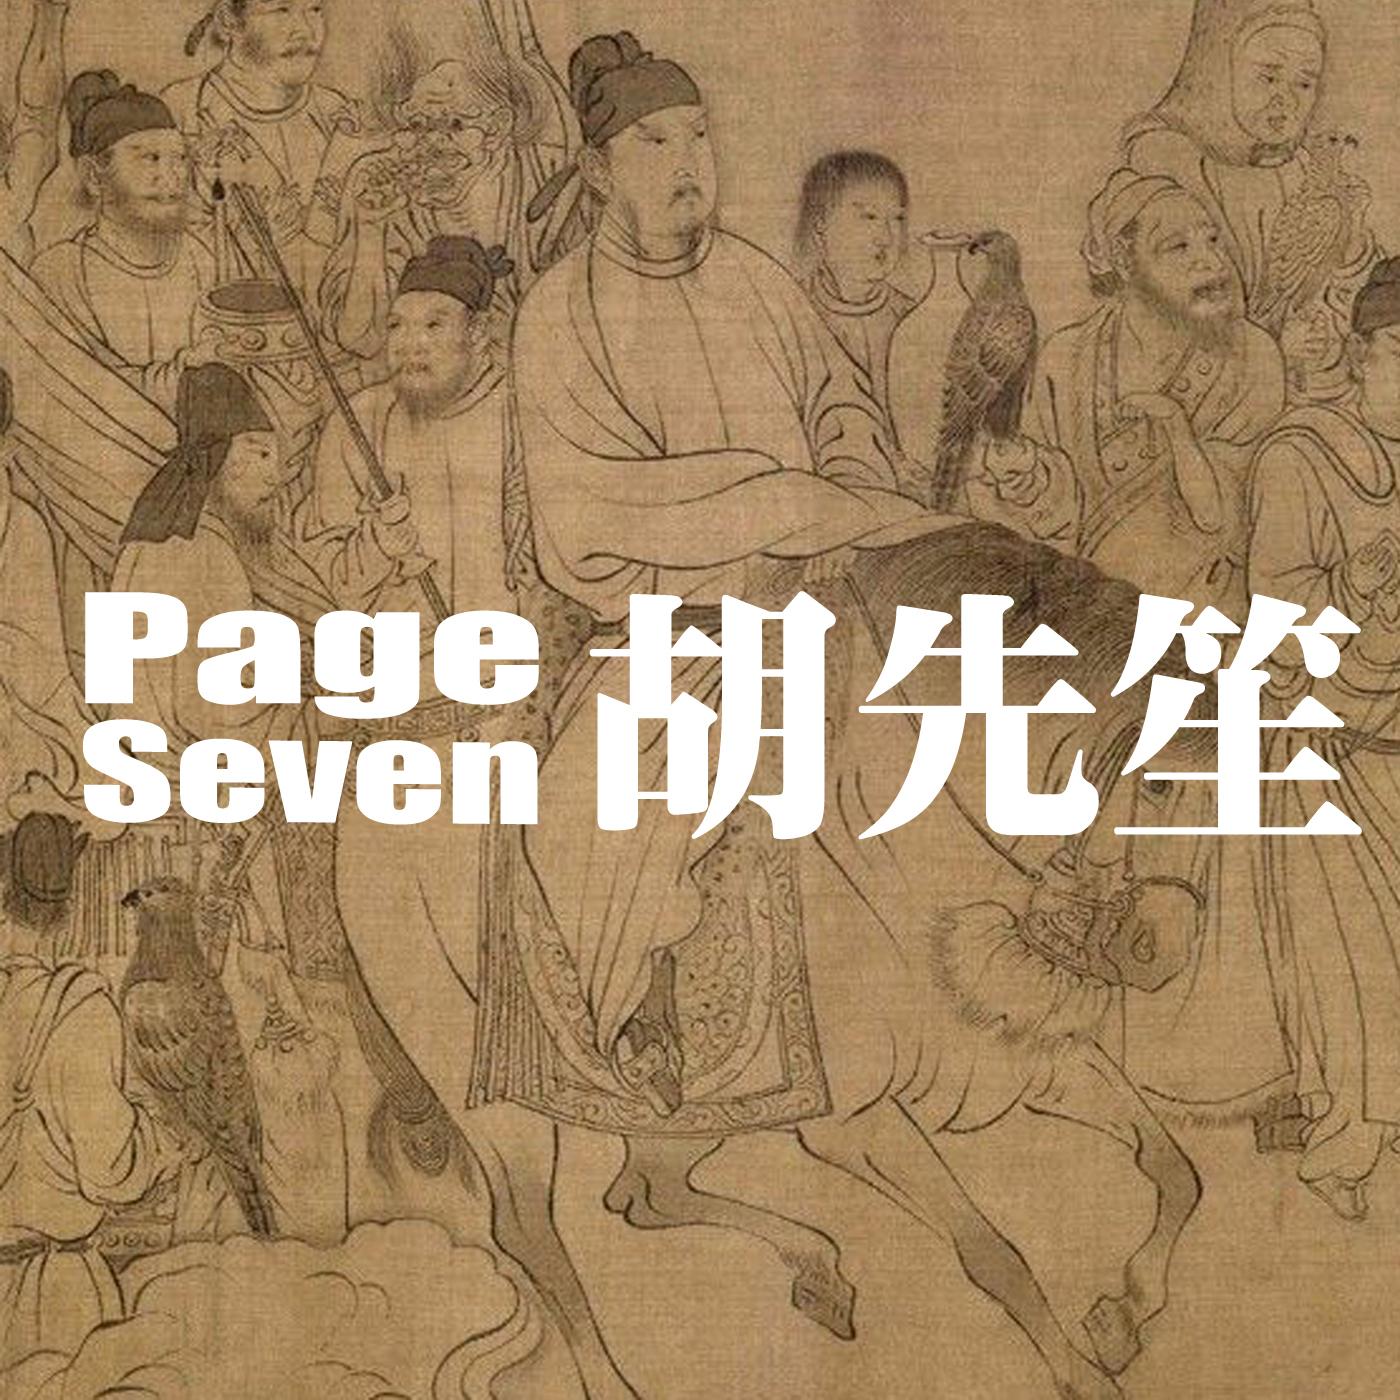 PAGE SEVEN 胡先笙